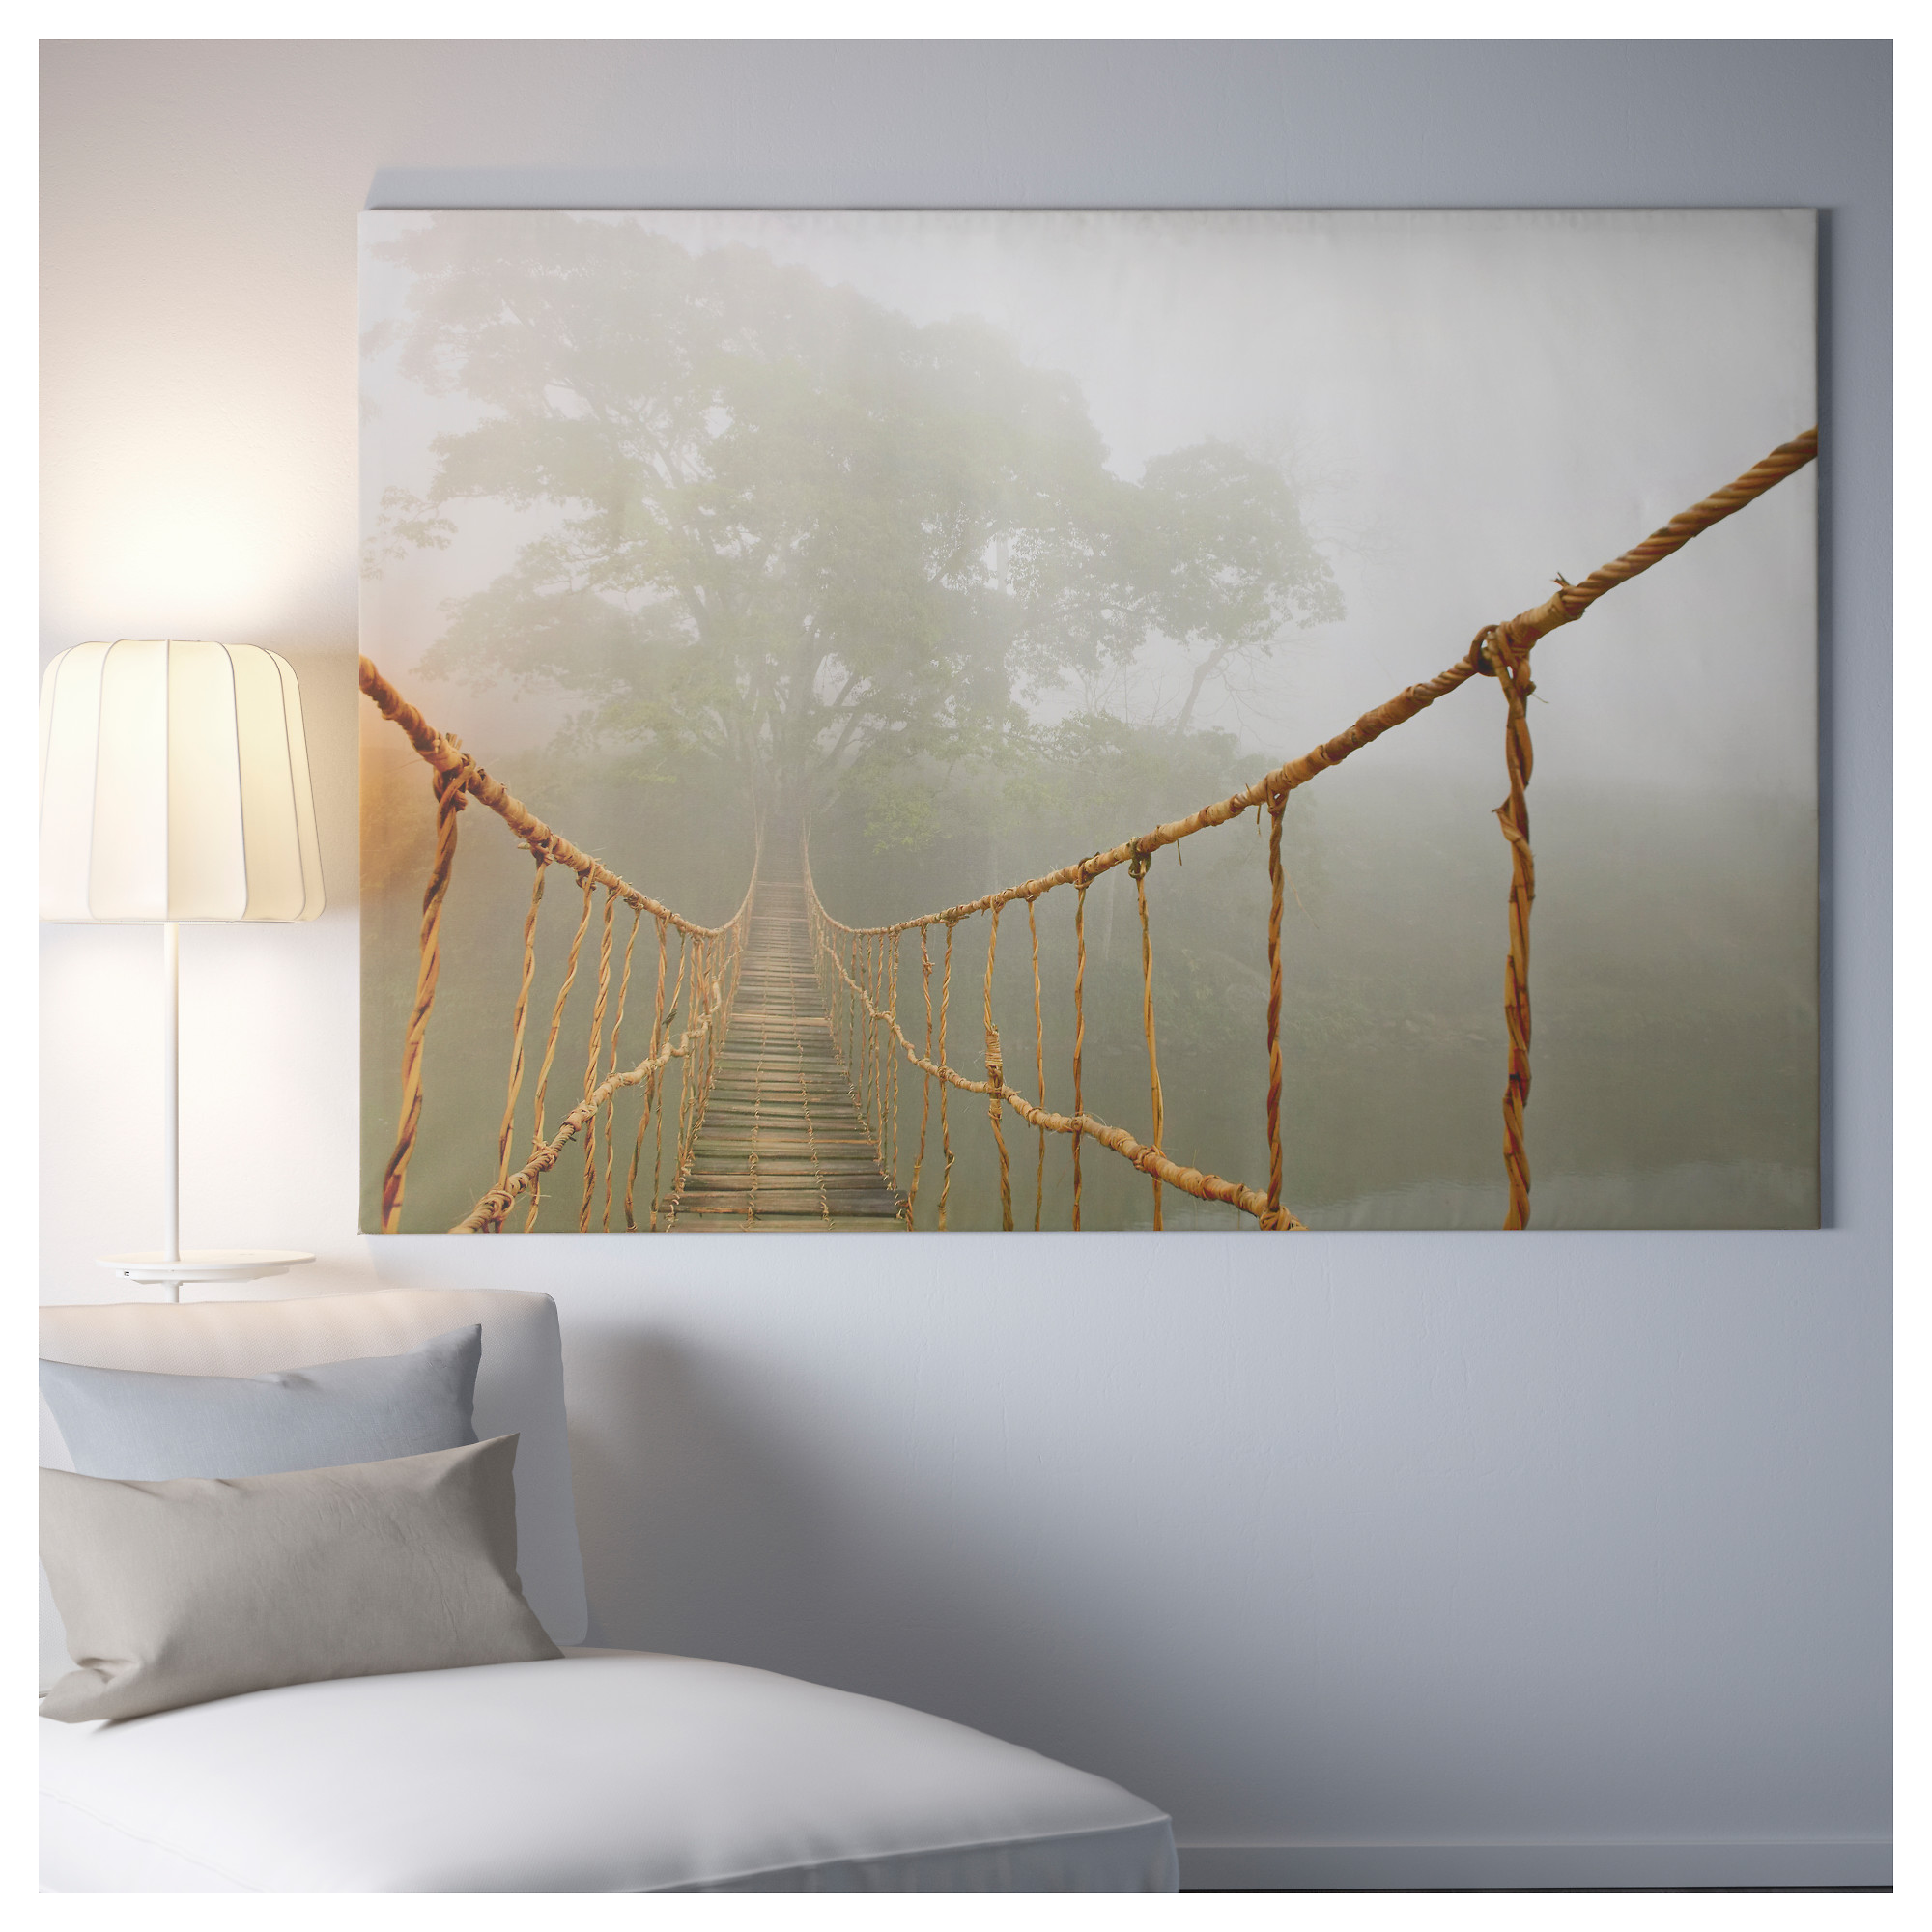 постер подвесной канатный мост хофф того, чтобы